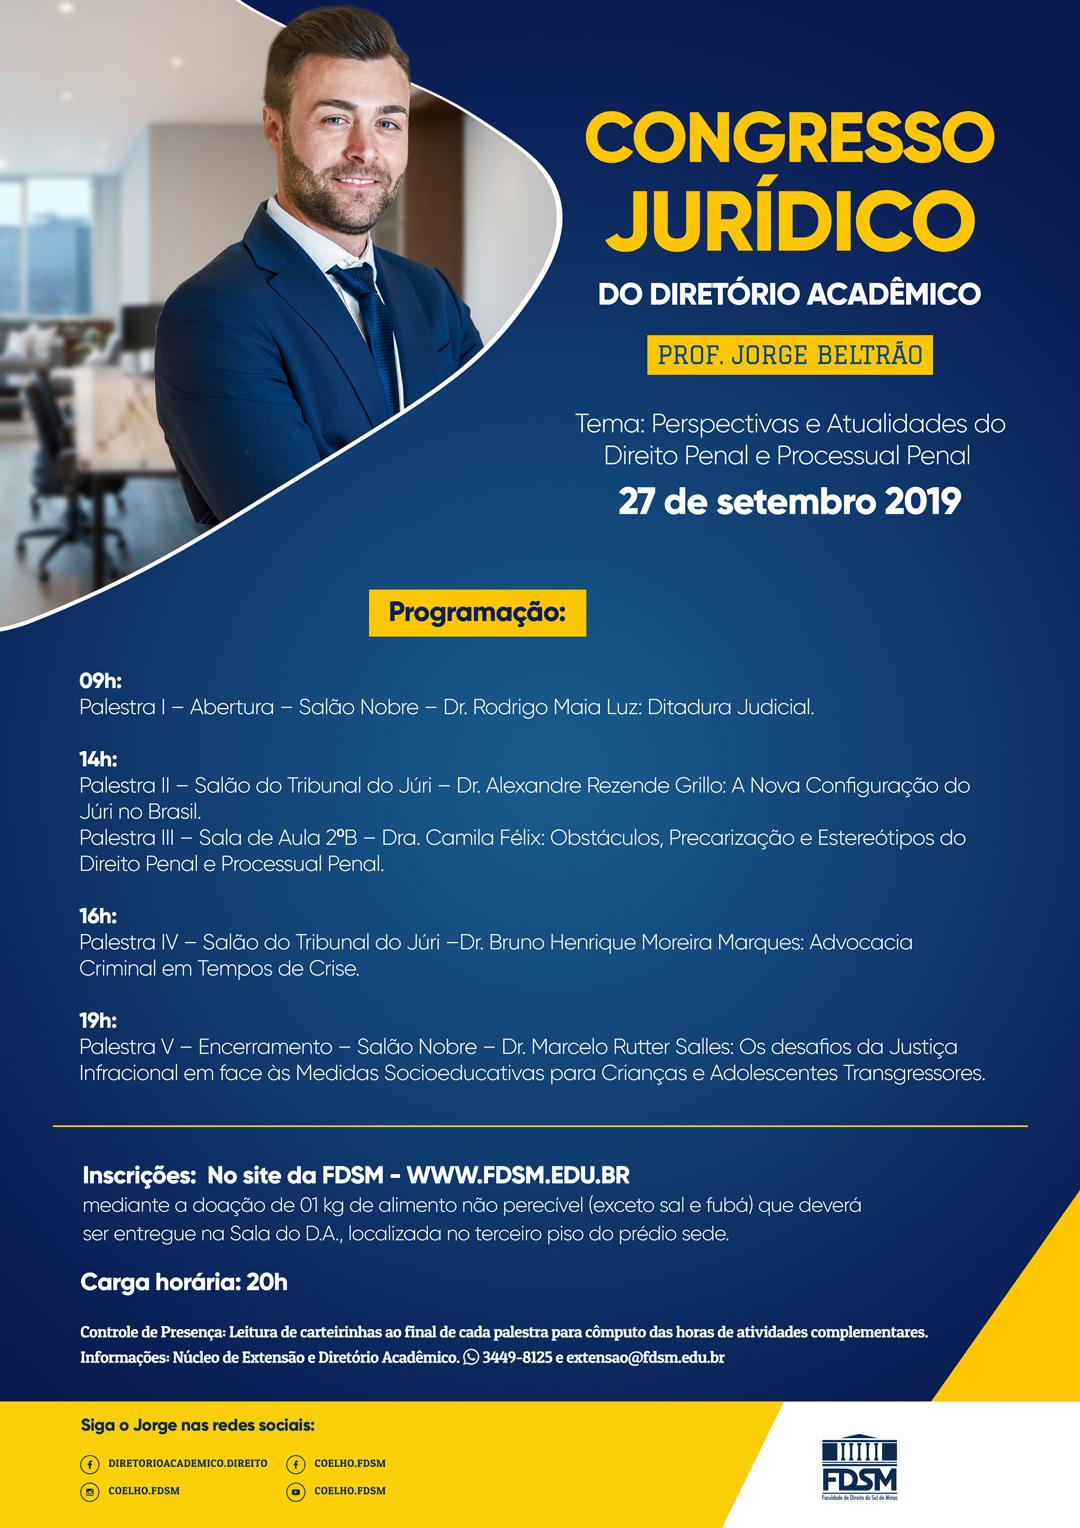 Comunicado 5875 -  CONGRESSO JURÍDICO DO DIRETÓRIO...